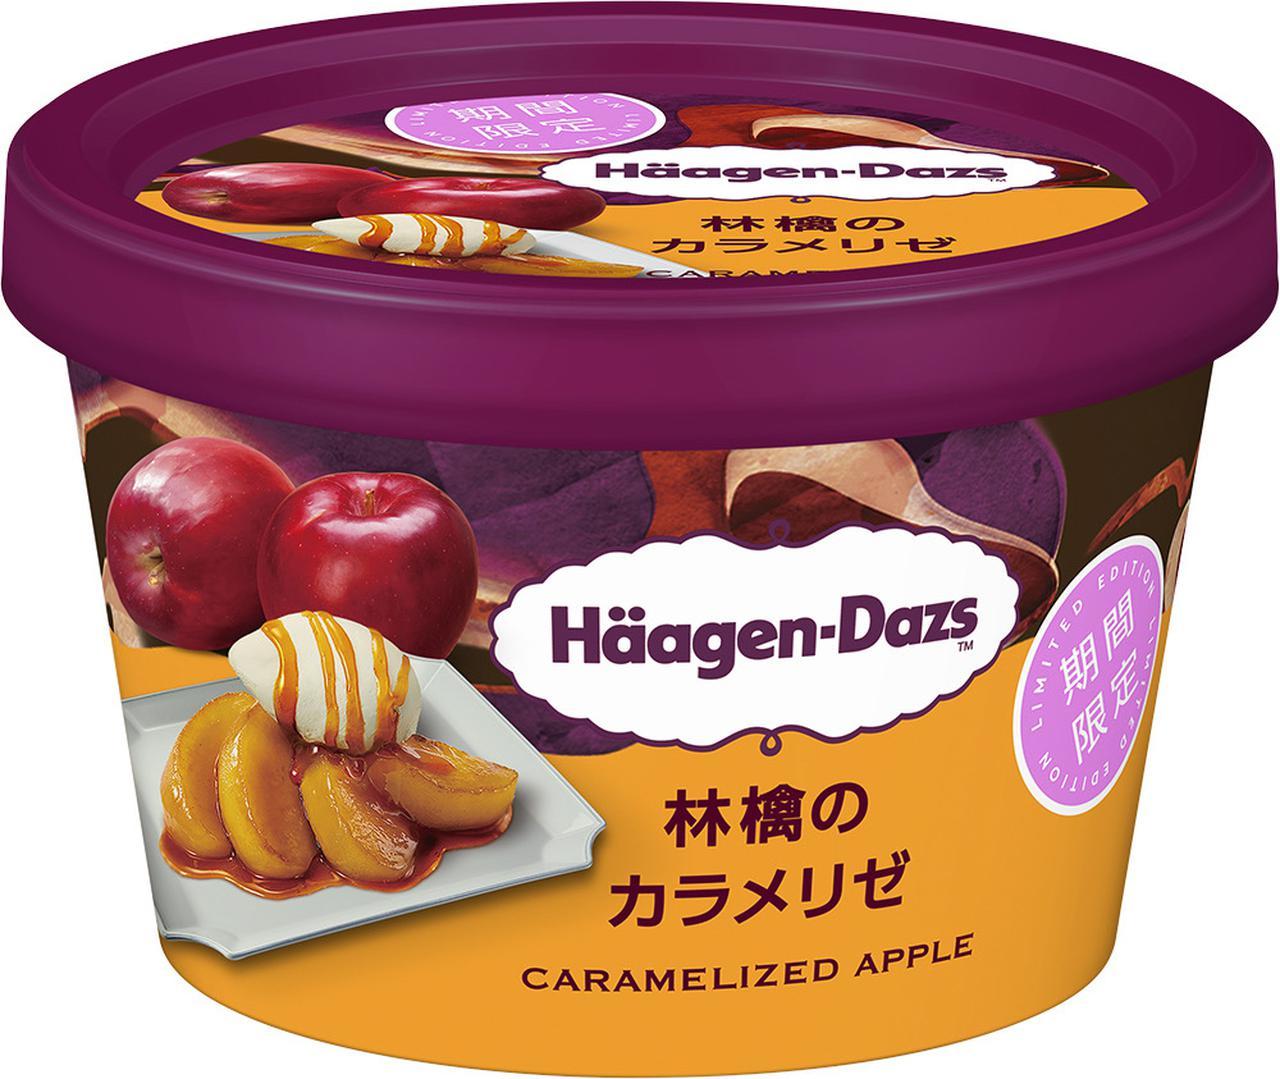 画像2: 【試食レポ】「ハーゲンダッツ」のミニカップ『林檎のカラメリゼ』新登場♡